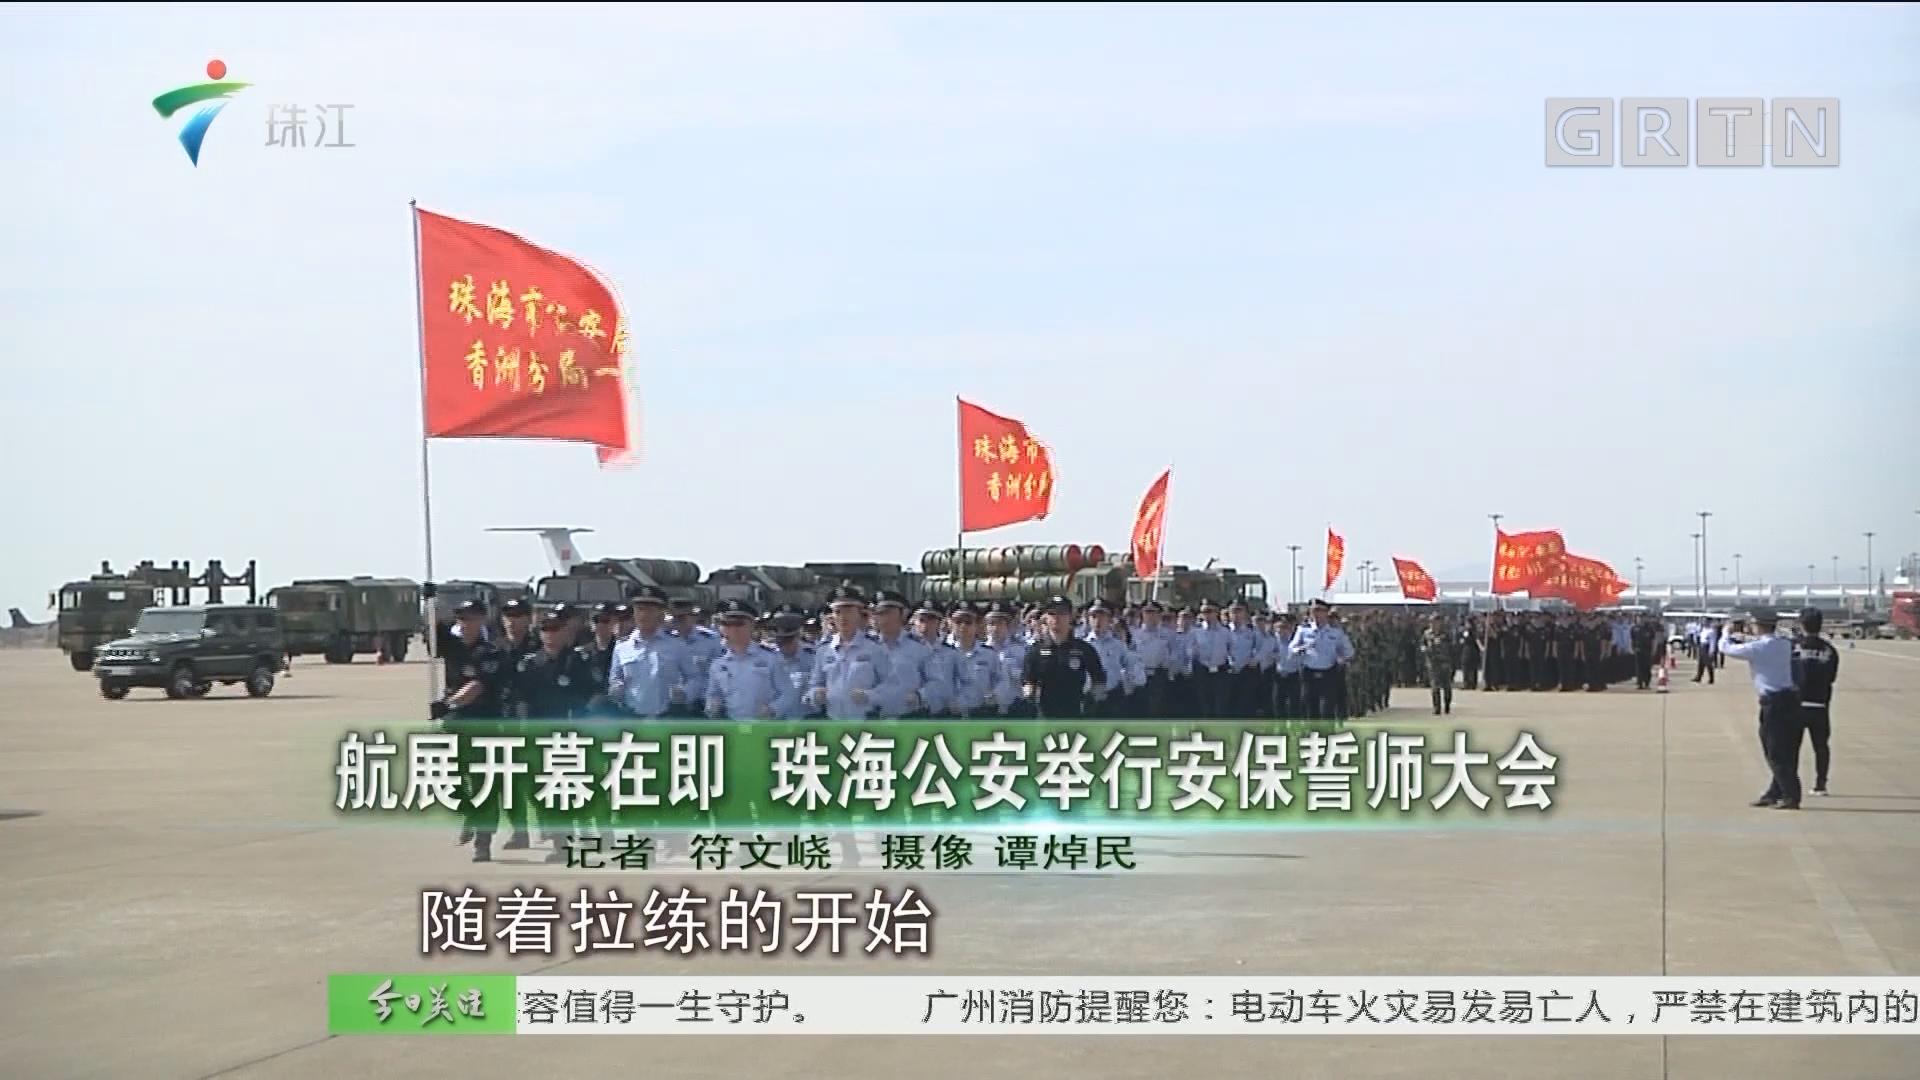 航展开幕在即 珠海公安举行安保誓师大会